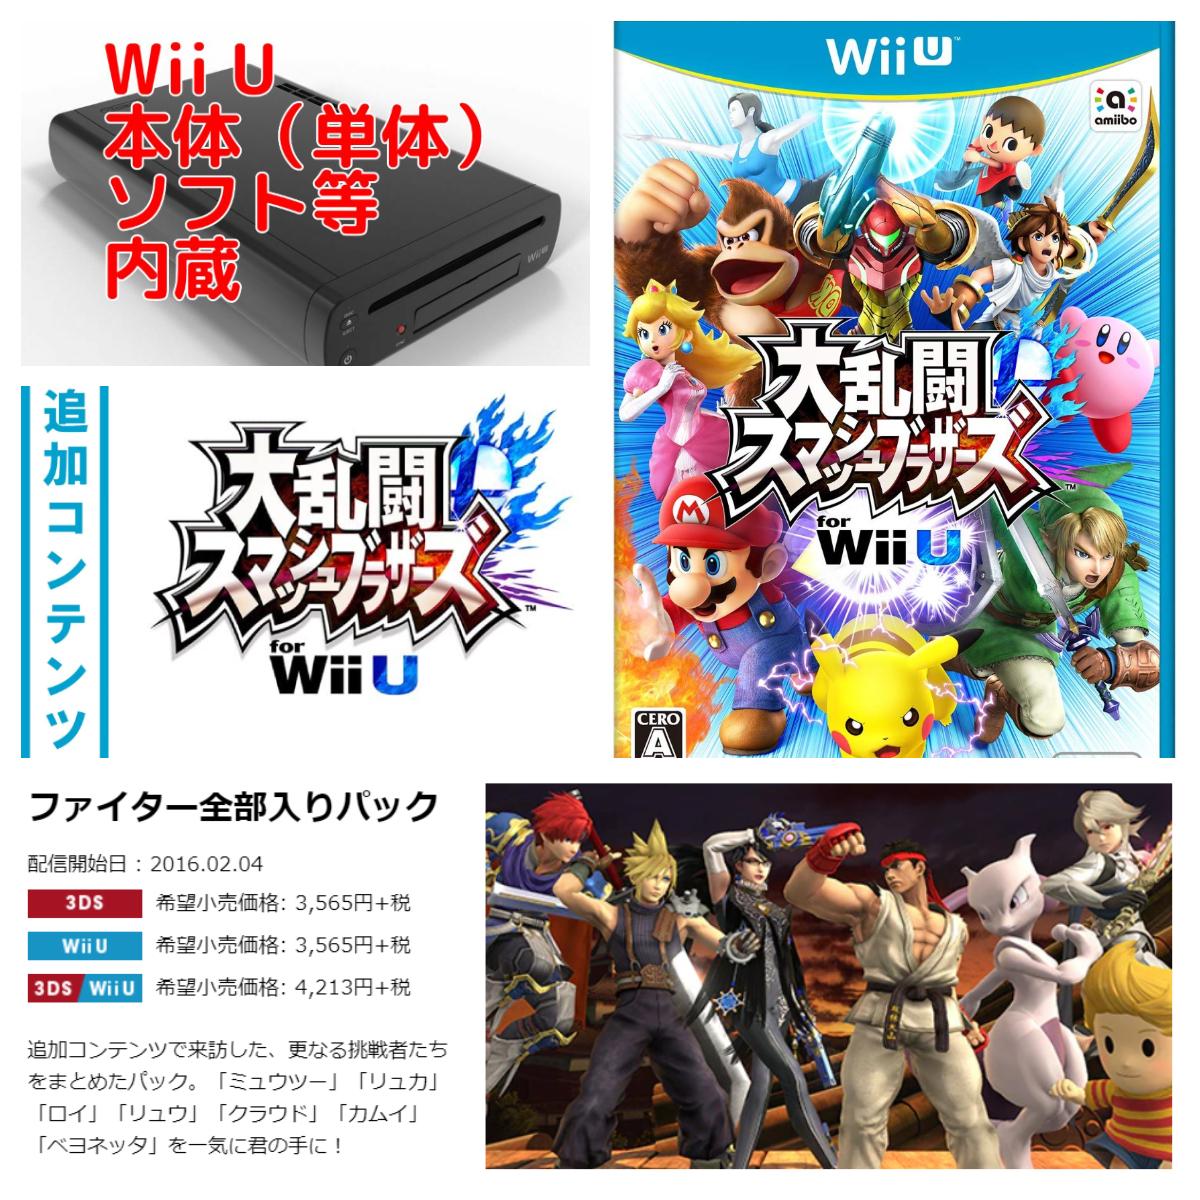 動作品 即納 Wii Uプレミアムセット本体 & 大乱闘スマッシュブラザーズ for Wii U & ファイター全部入りパック(有料追加コンテンツ)_画像1